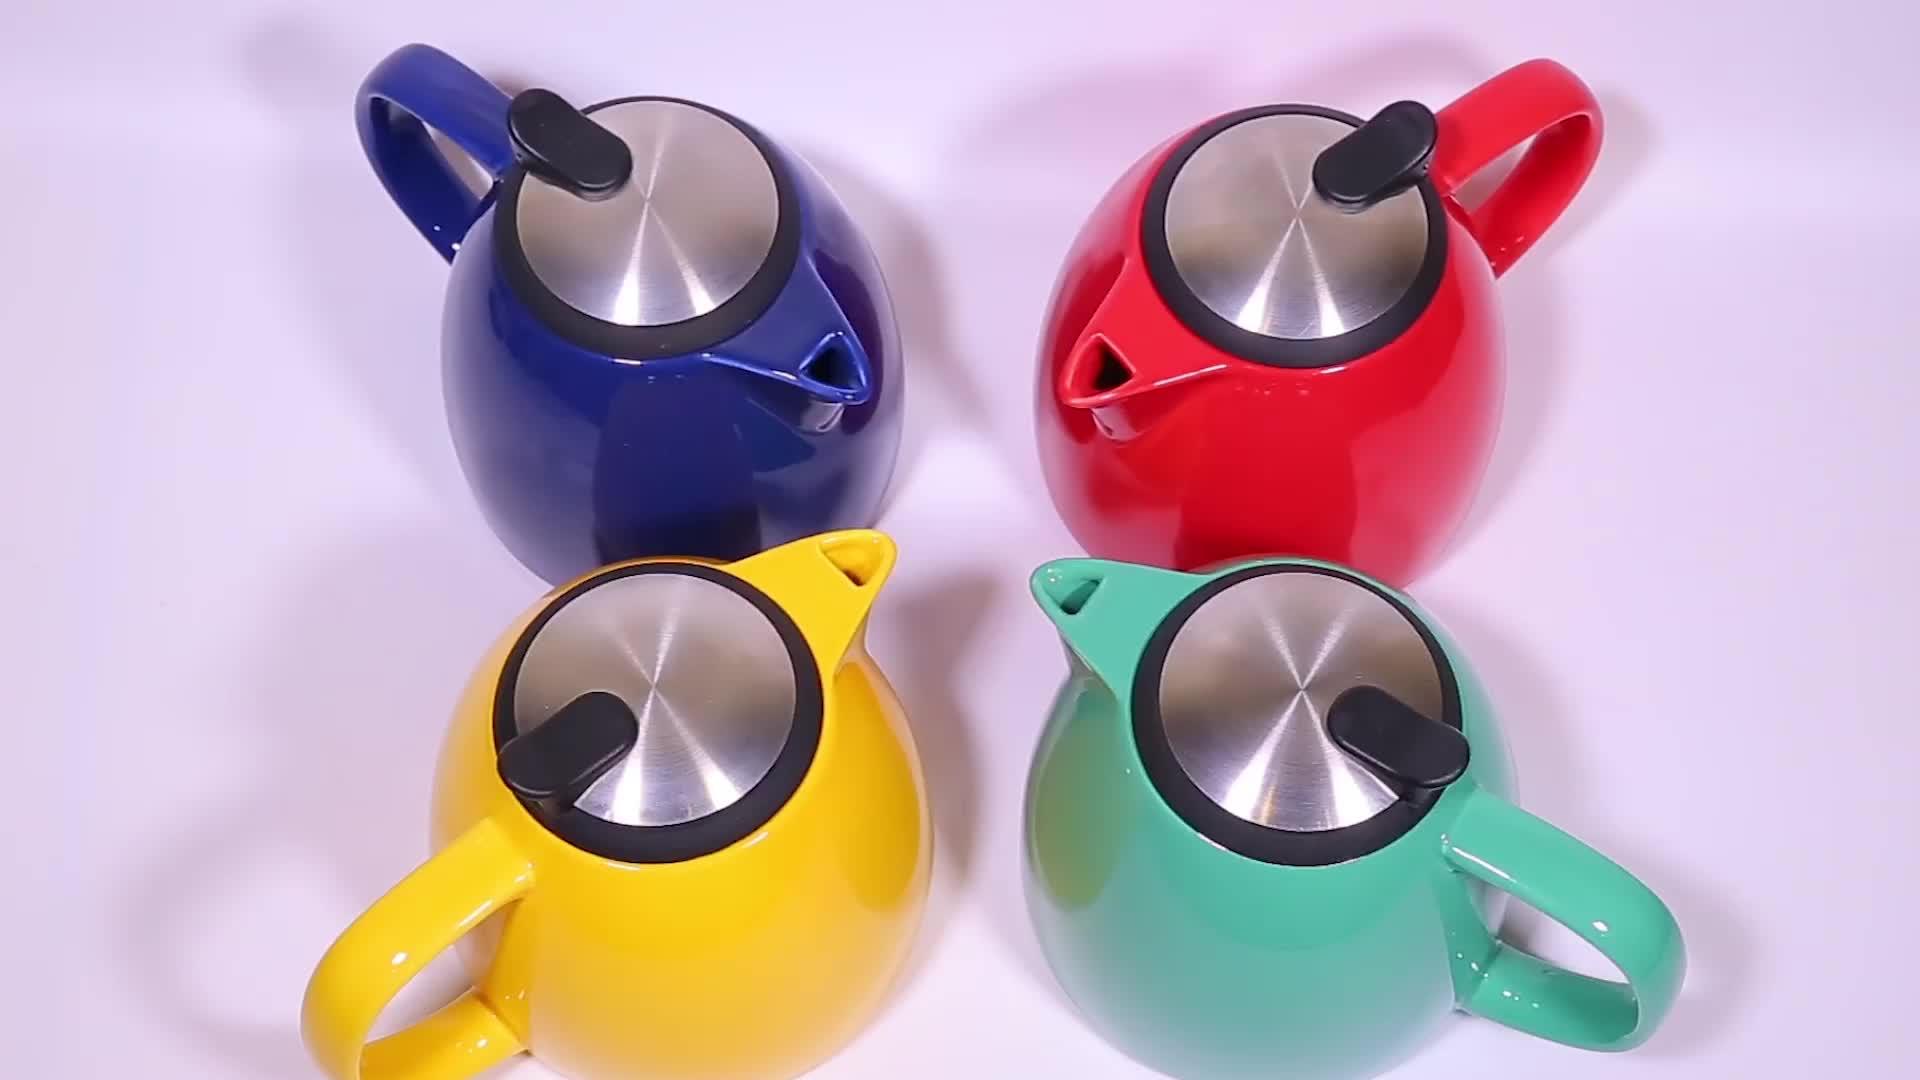 กาน้ำชาเซรามิกขนาด 800 มล. ที่ออกแบบใหม่พร้อมฝา 304 SLS และ Infuser